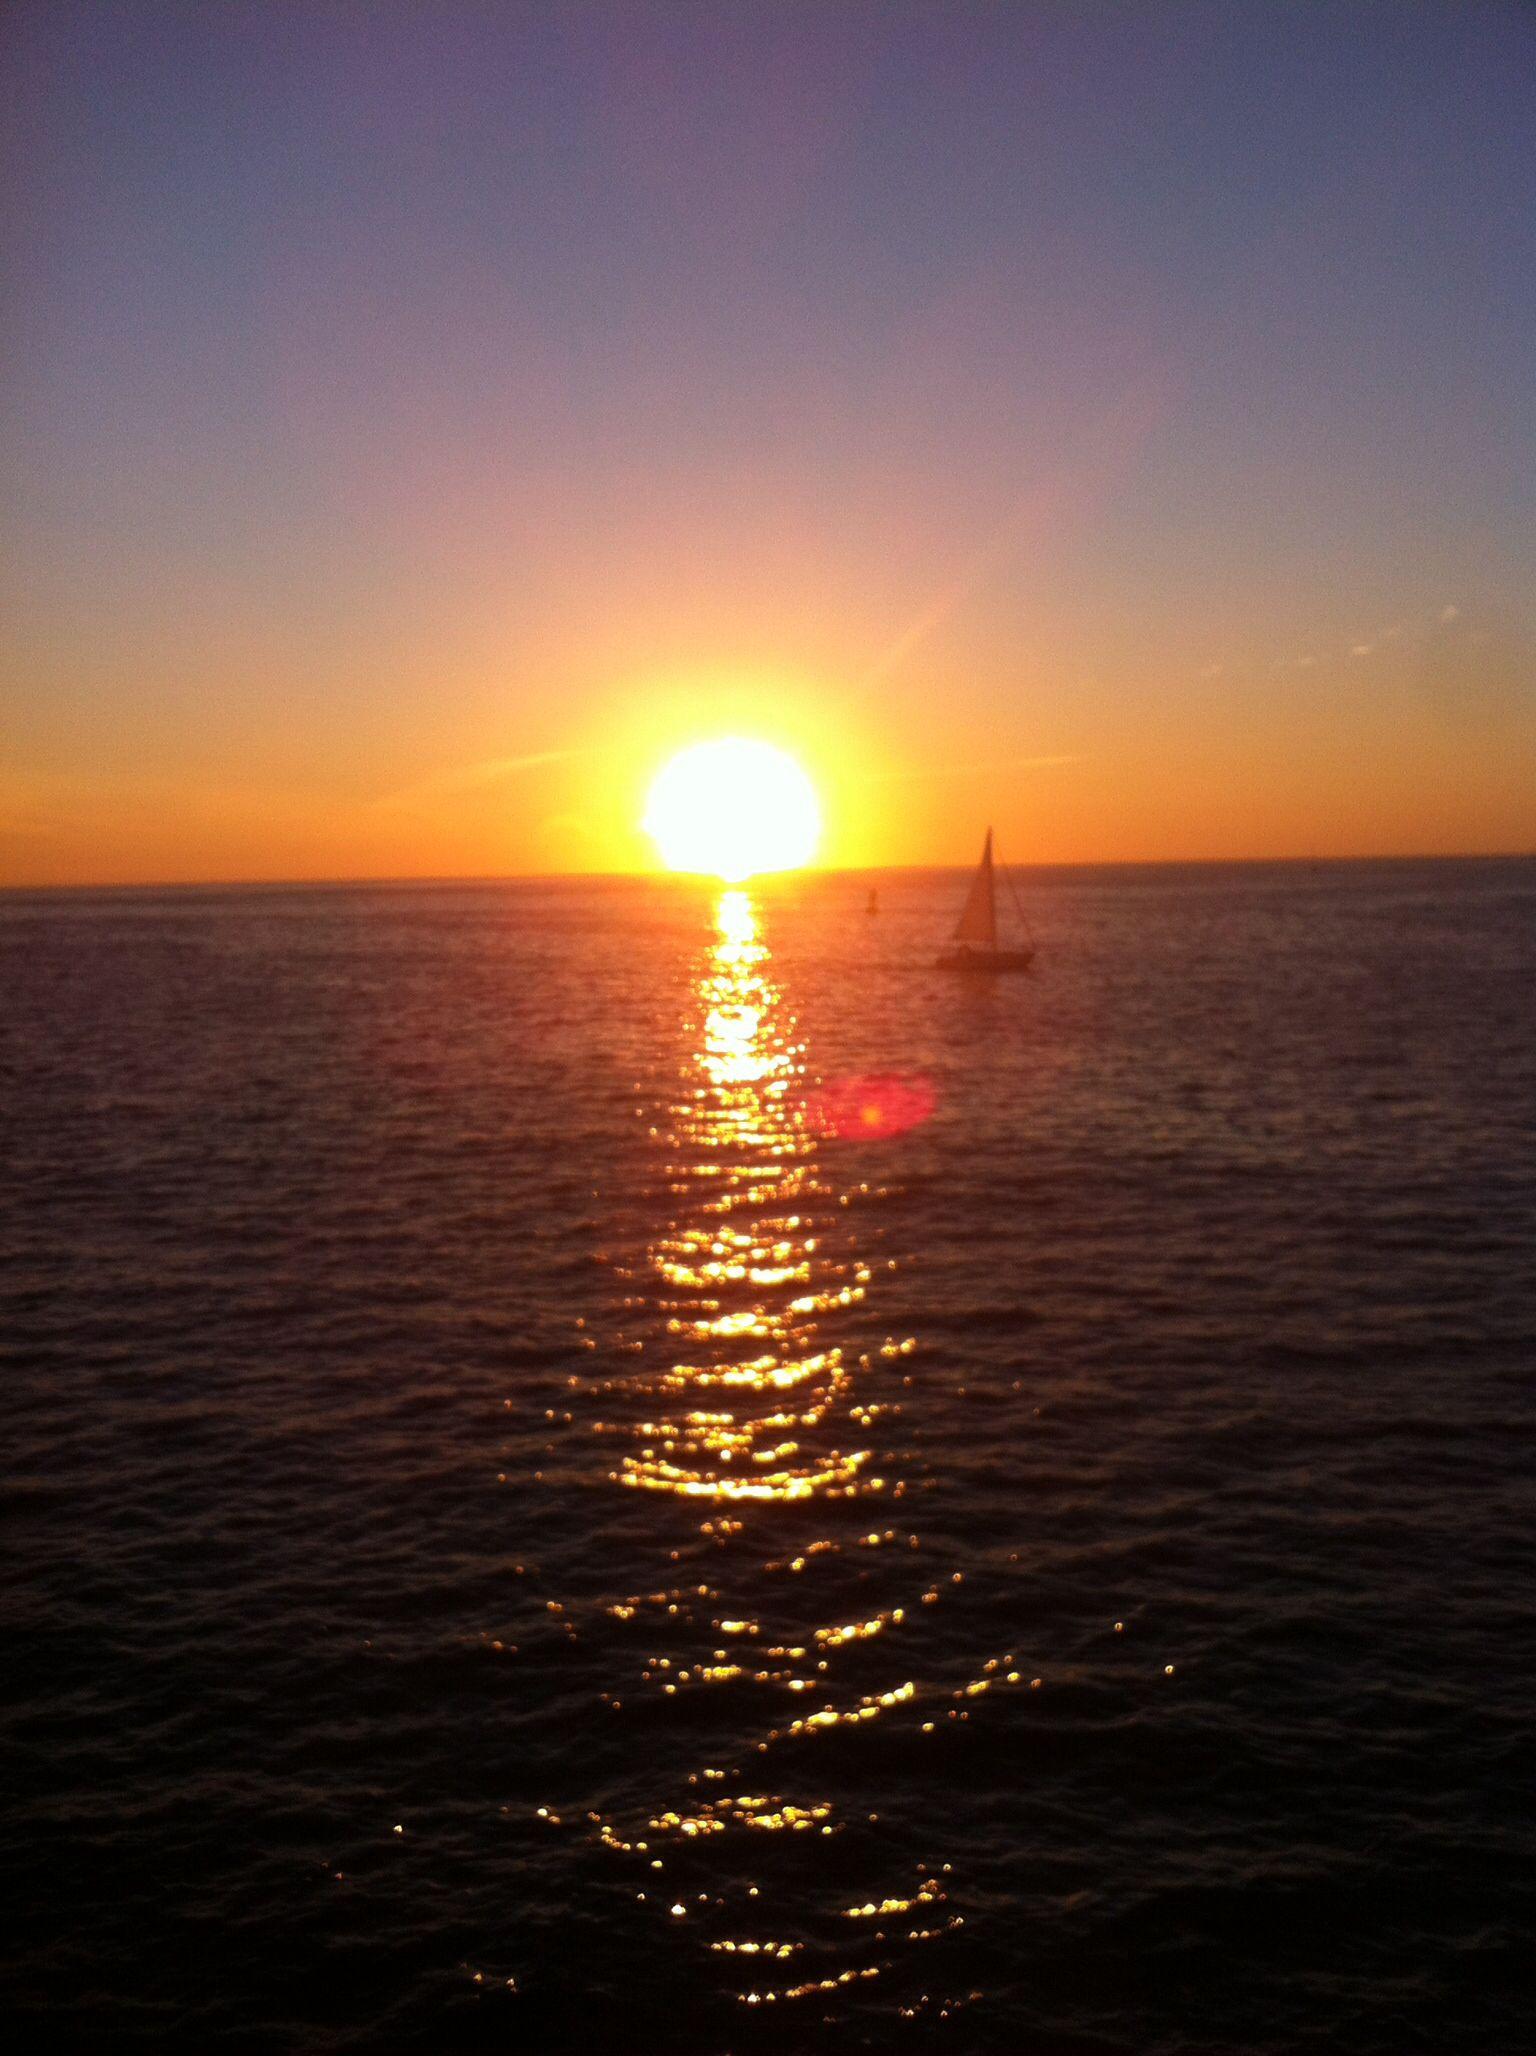 Redondo Beach, California. Sunset and Sailboat.